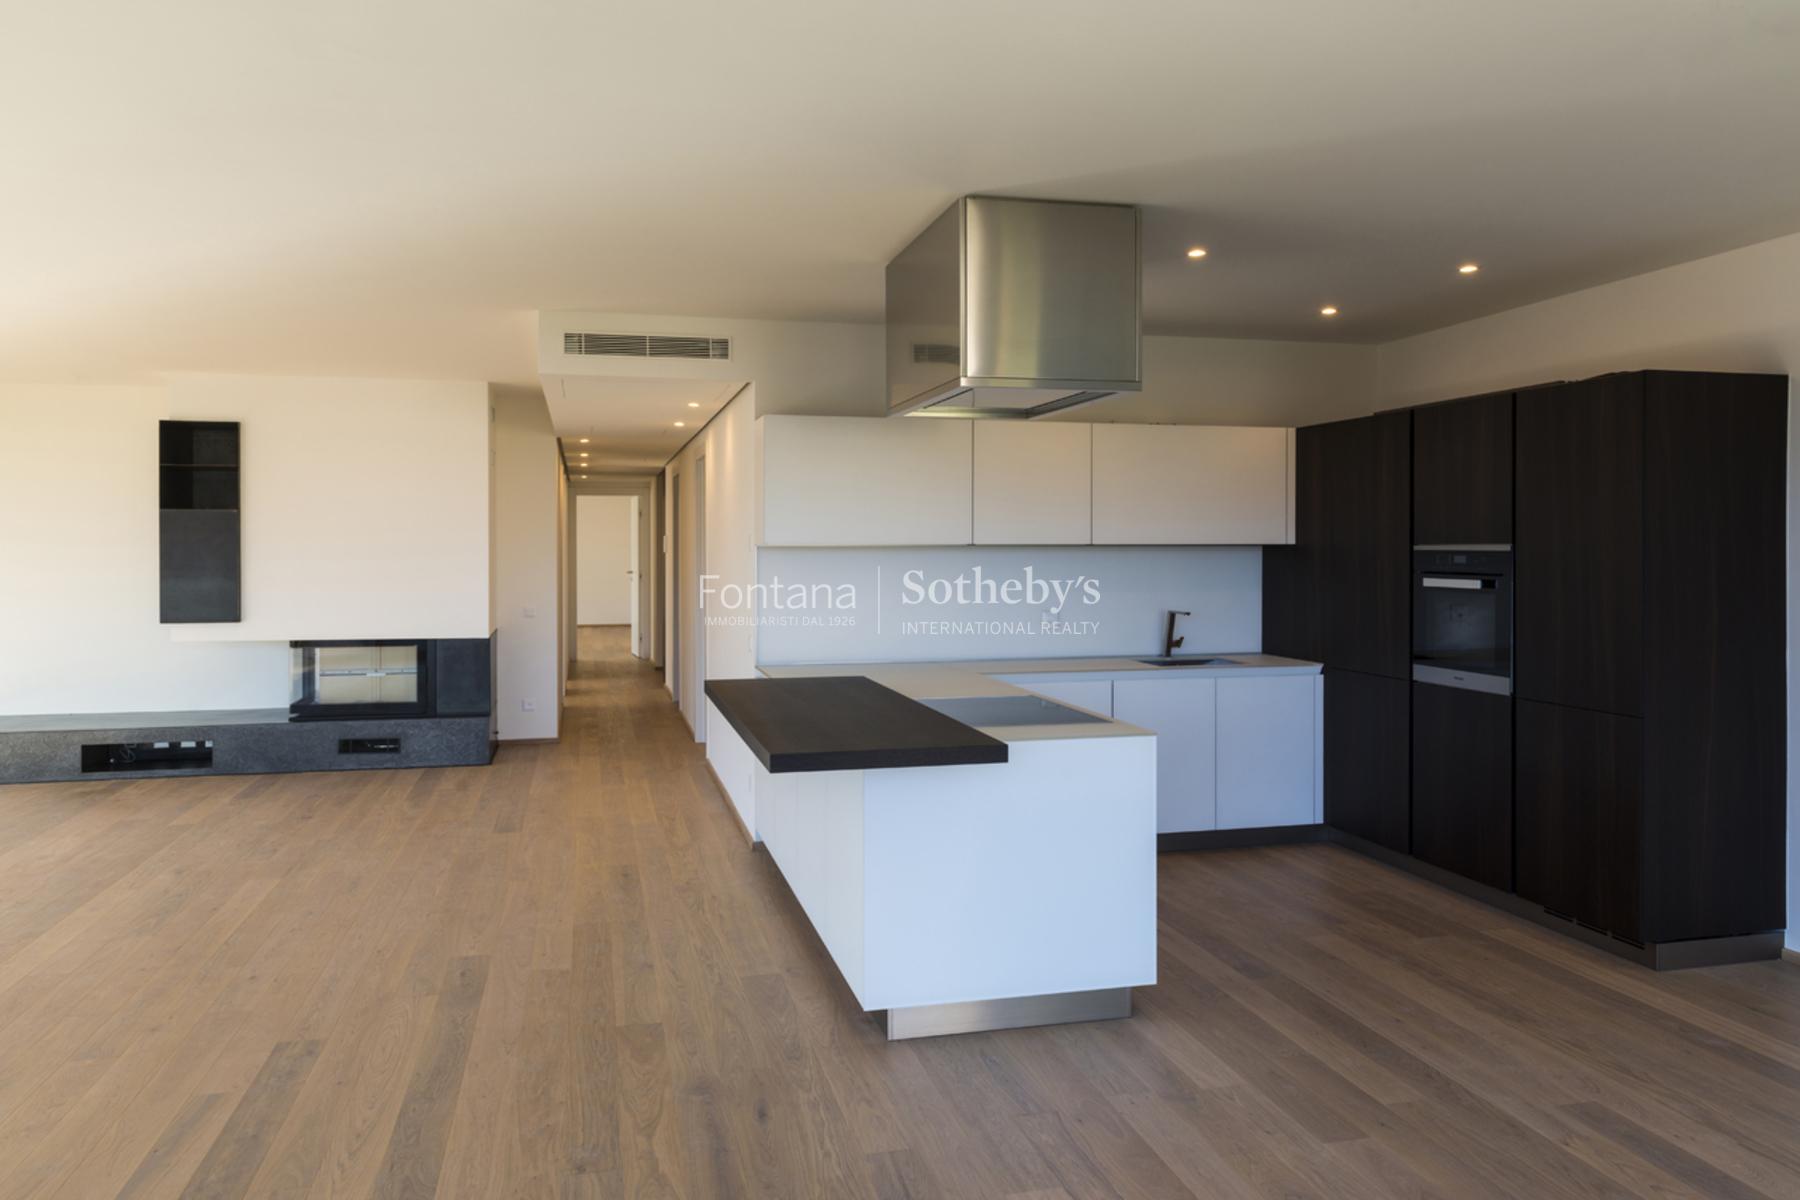 Квартира для того Продажа на Residence du parc - 5 ½-room apartment Montagnola Montagnola, Ticino, 6926 Швейцария